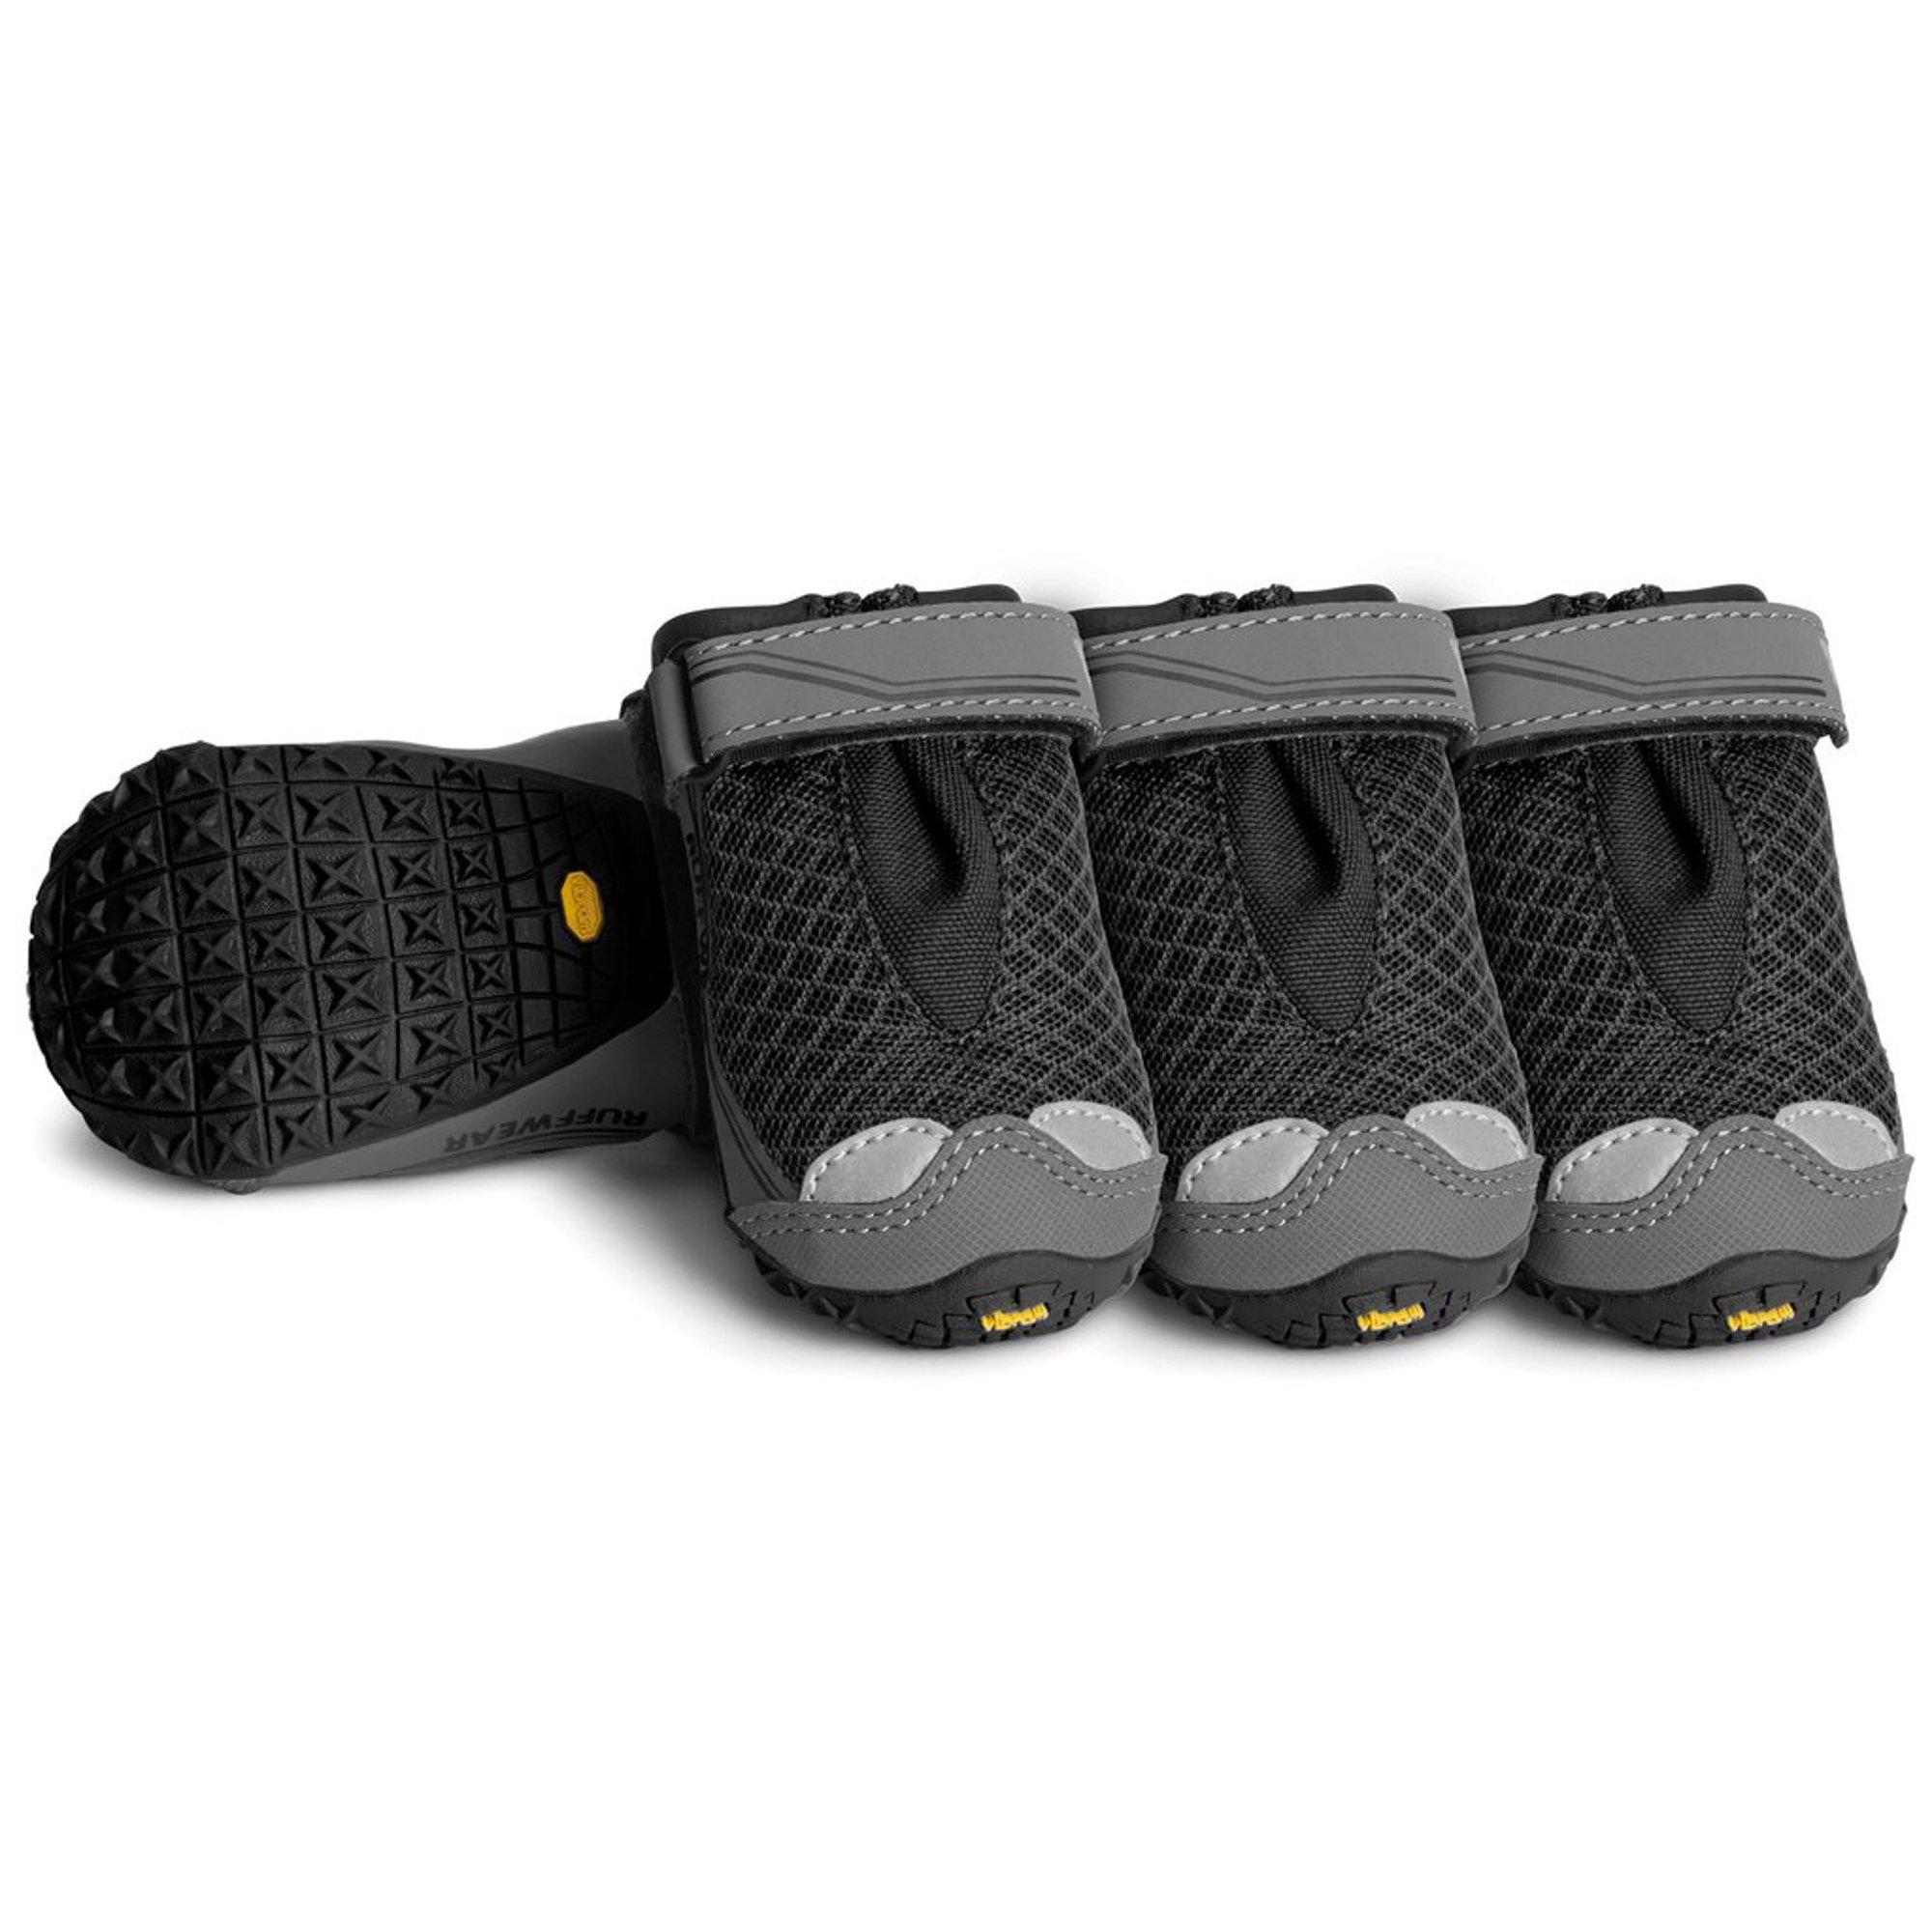 RUFFWEAR - Grip Trex, Obsidian Black, 2.5 in (4 Boots) by RUFFWEAR